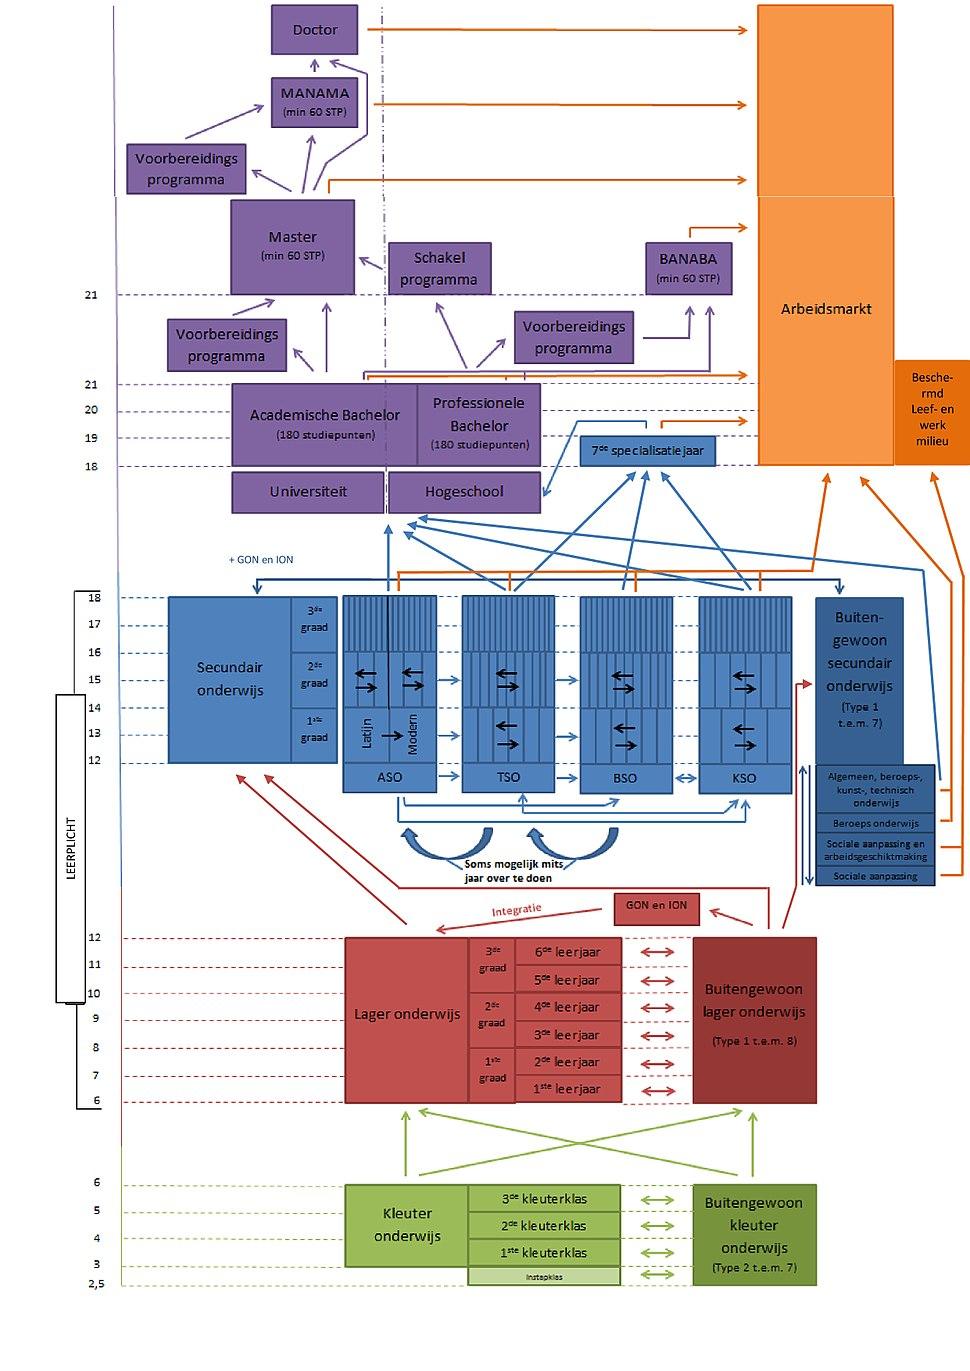 Structuur Onderwijssysteem in Vlaanderen (Pieter Cnaepkens)